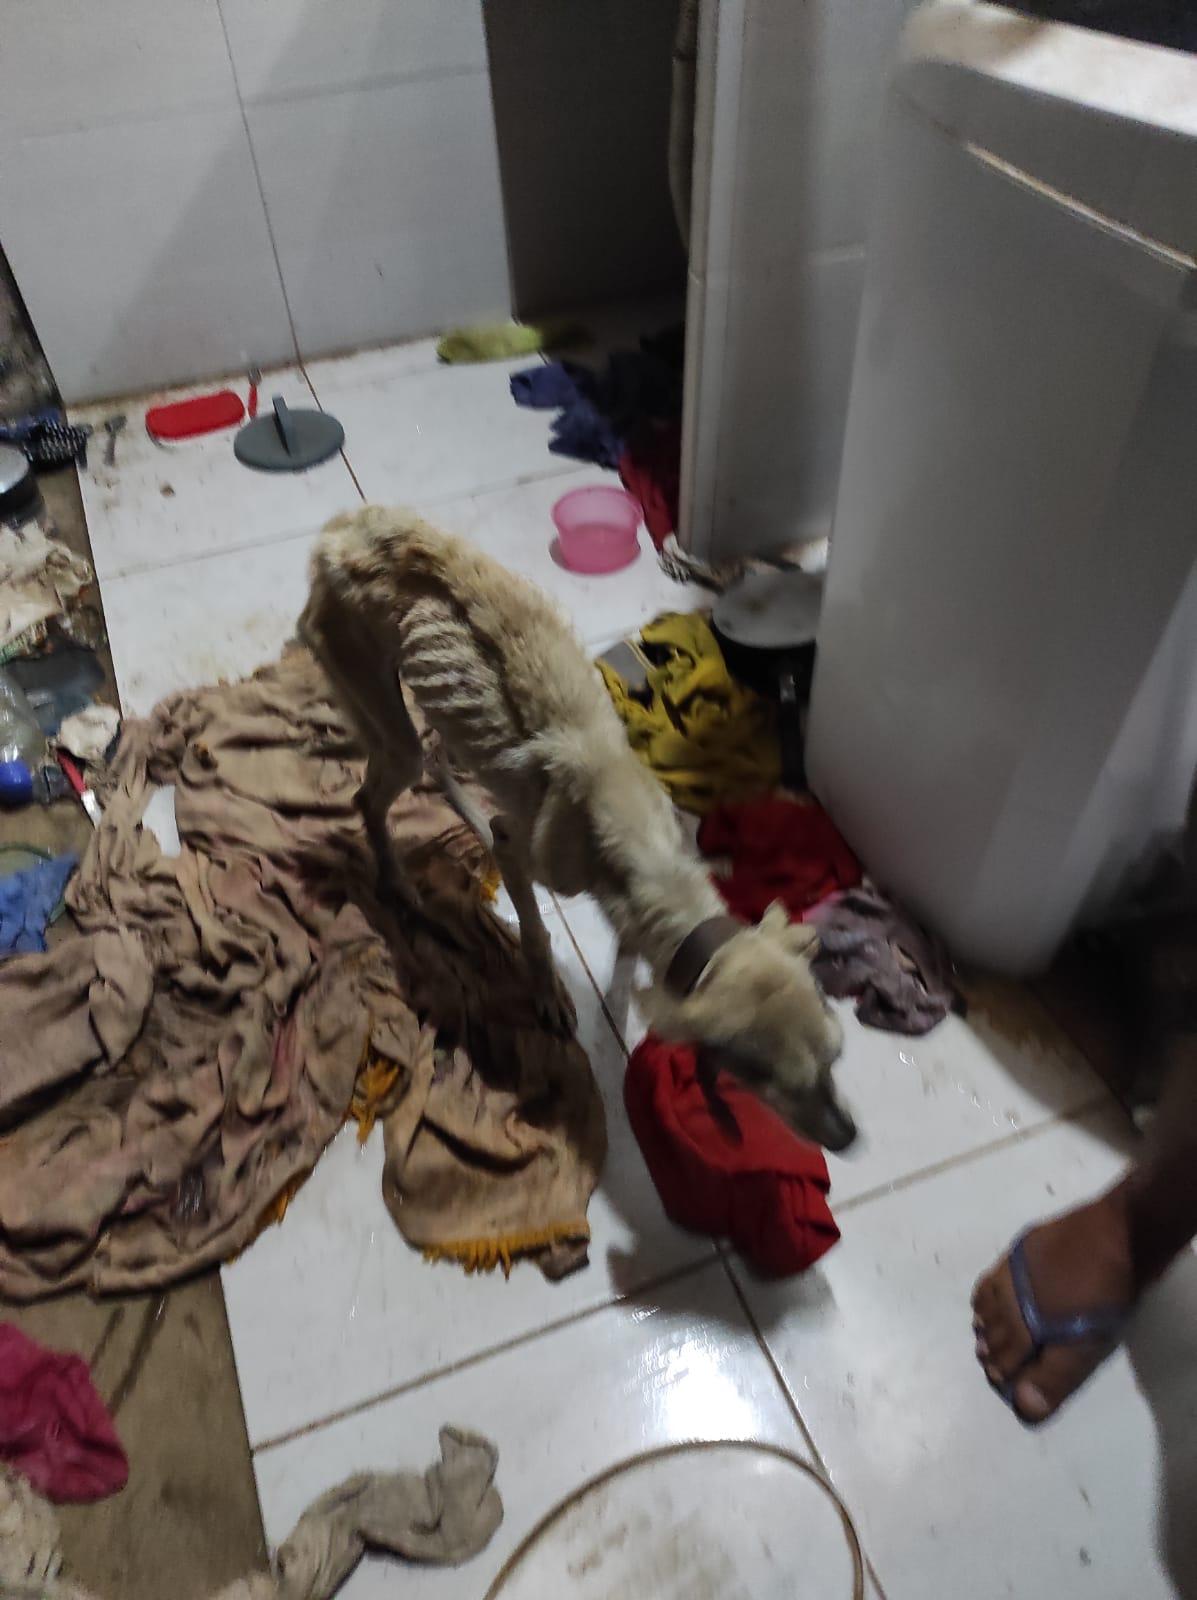 WhatsApp-Image-2021-08-31-at-03.05.23-1 Polícia resgata cachorros mantidos em situação de maus-tratos em Monteiro